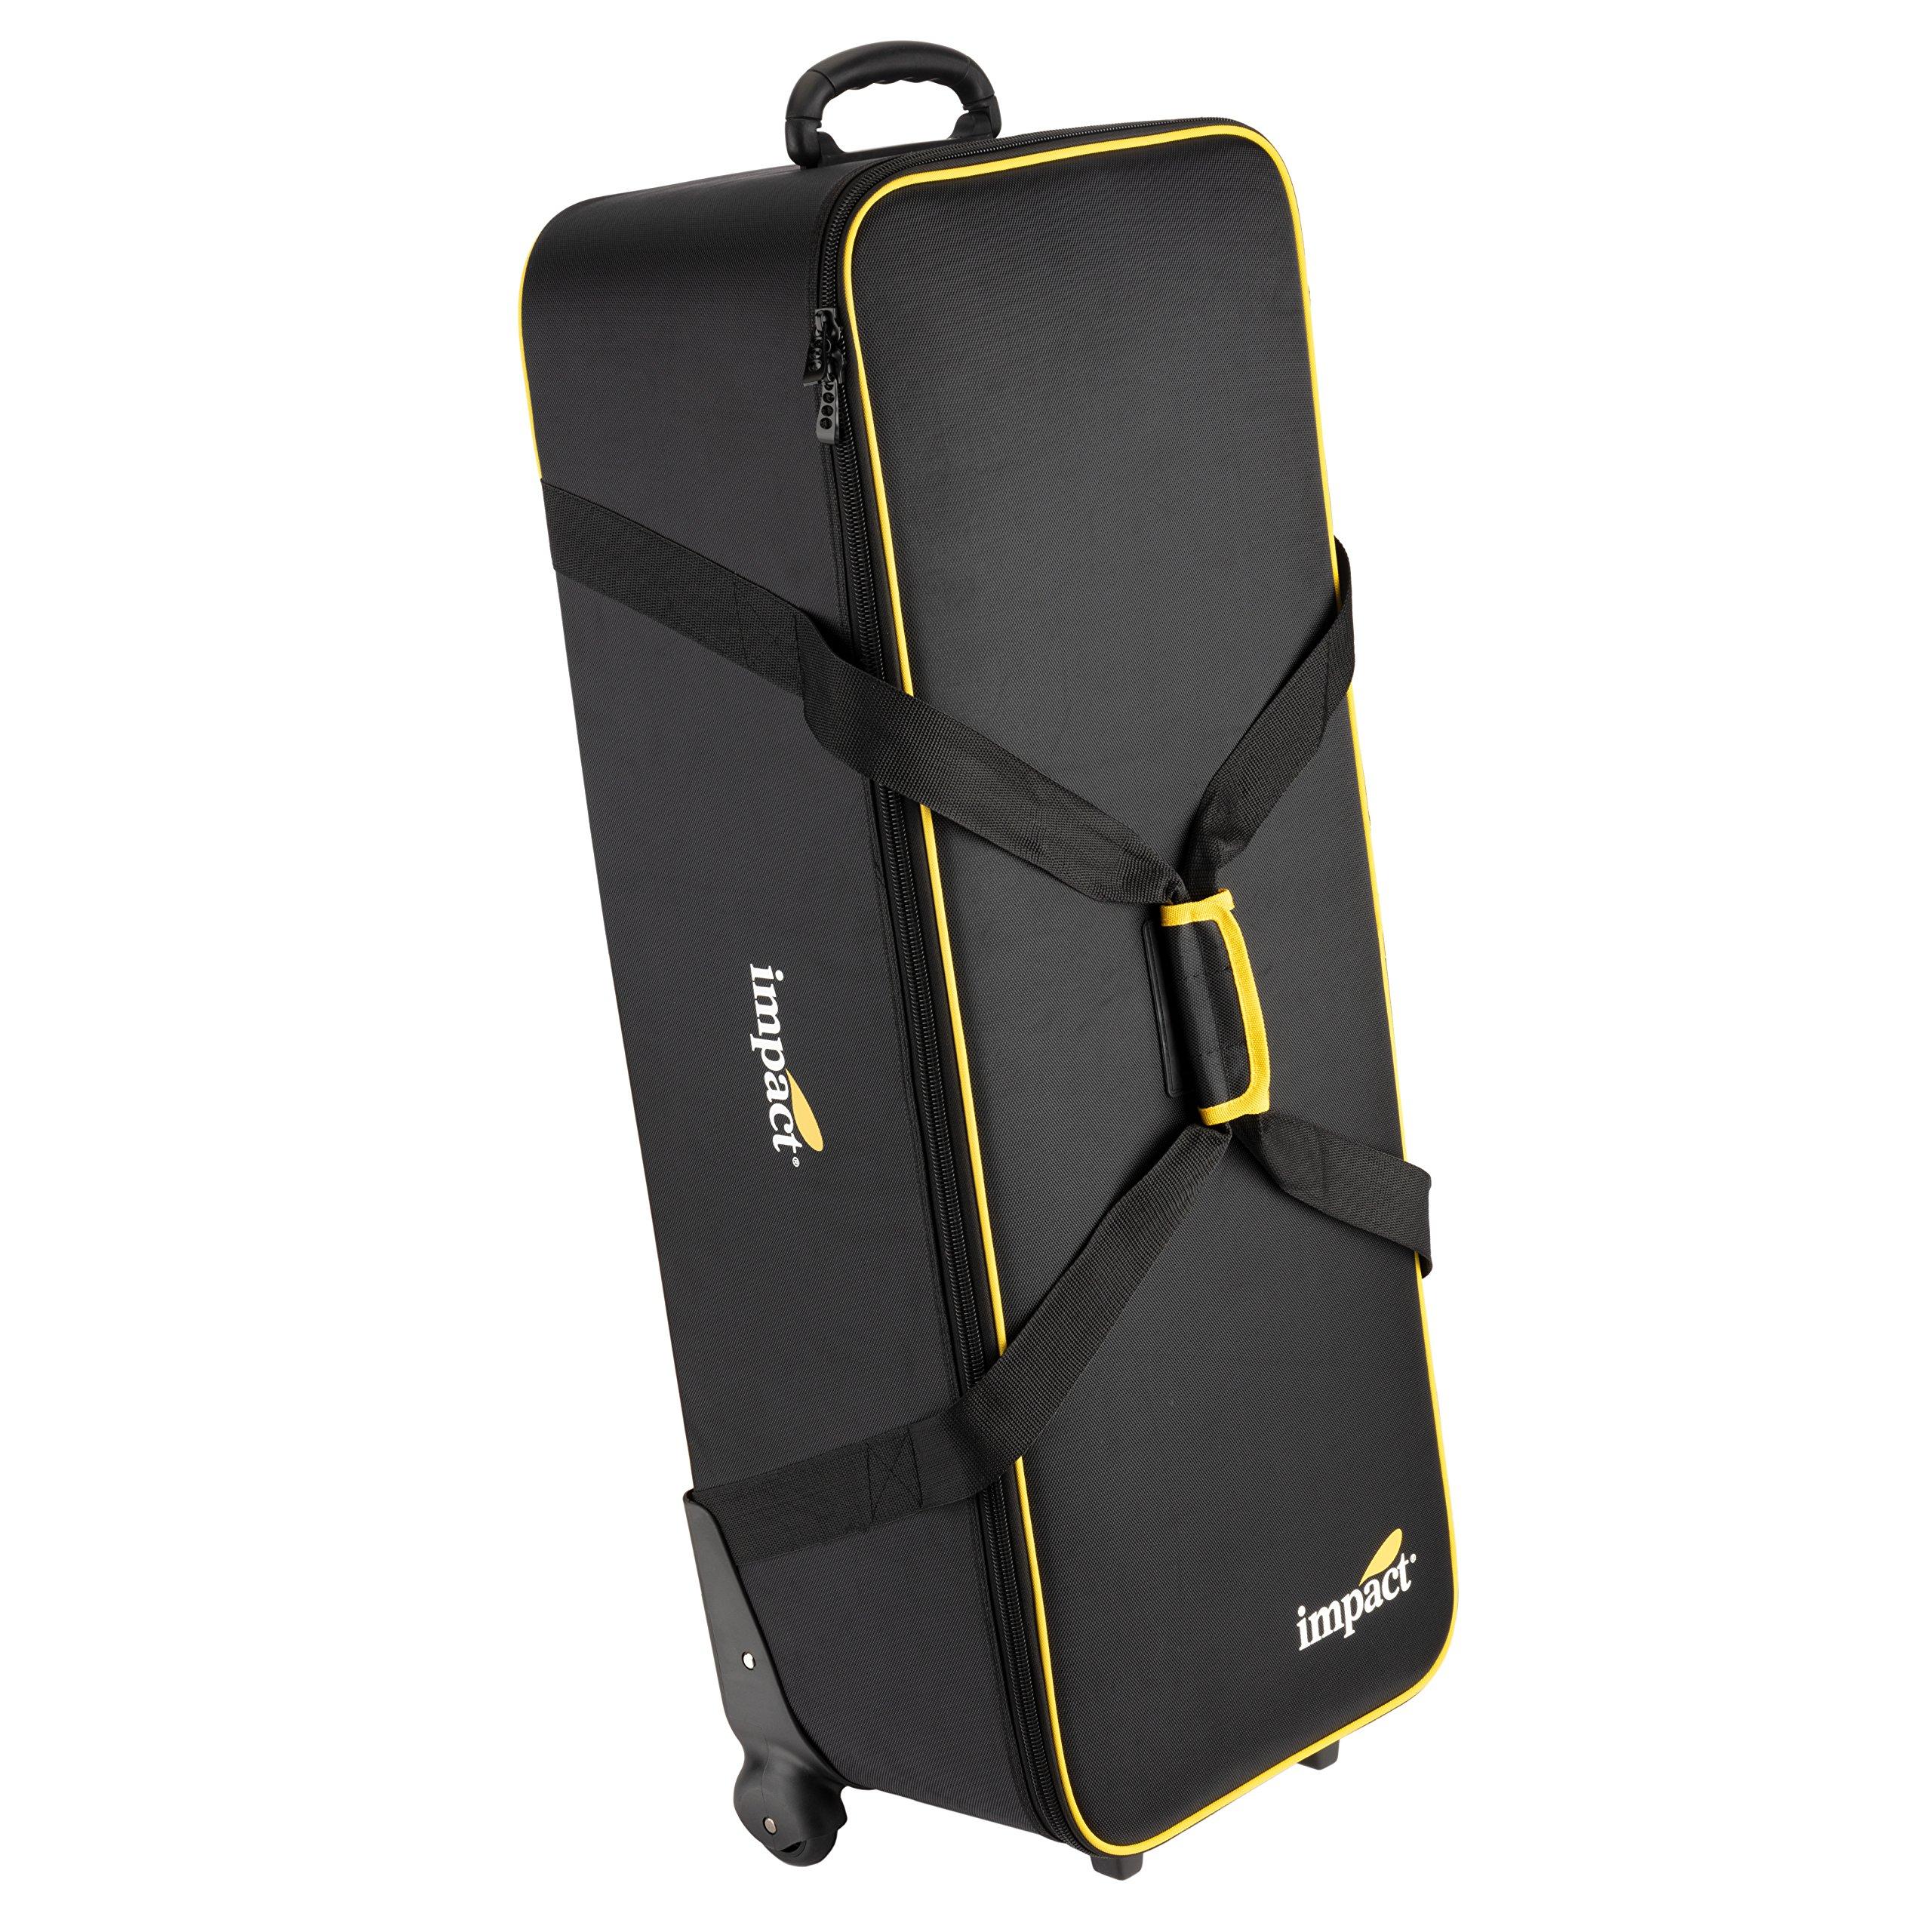 Impact LKB-R2 Light Kit Roller Bag #2 V2 (Medium, Black) by Impact